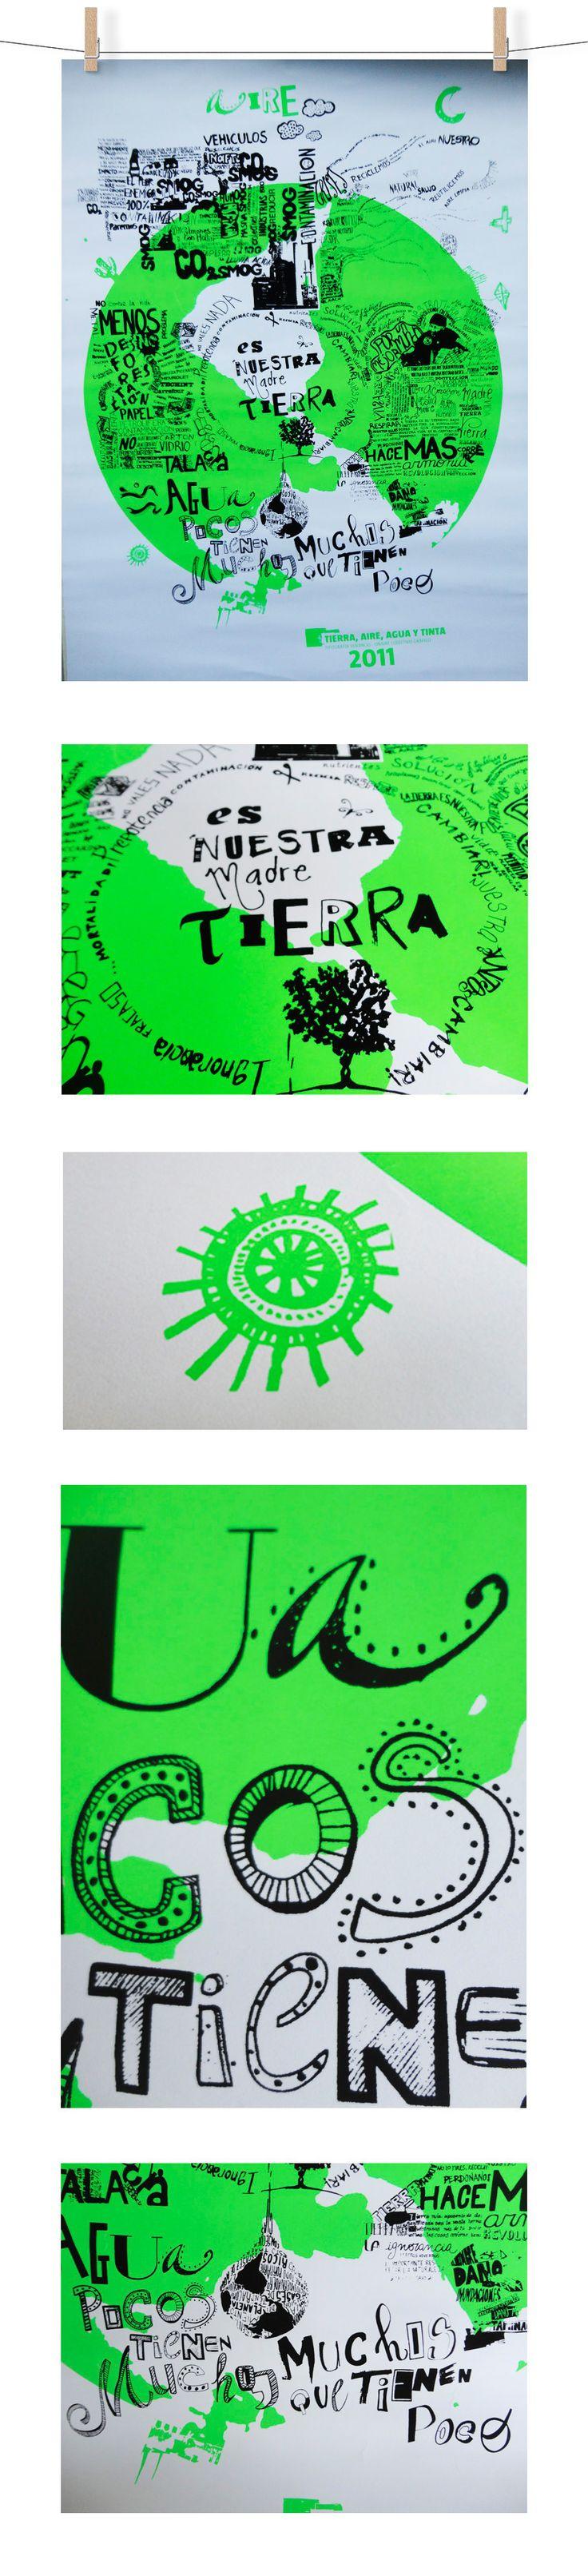 Diseño e impresión grupal de afiche en coproducción con el colectivo gráfico ONAIRE | Serigrafía a dos tintas, negro y verde fluorescente/ negro y naranja fluorescente | Universidad de Buenos Aires, Facultad de Arquitectura, Diseño y Urbanismo (FADU)